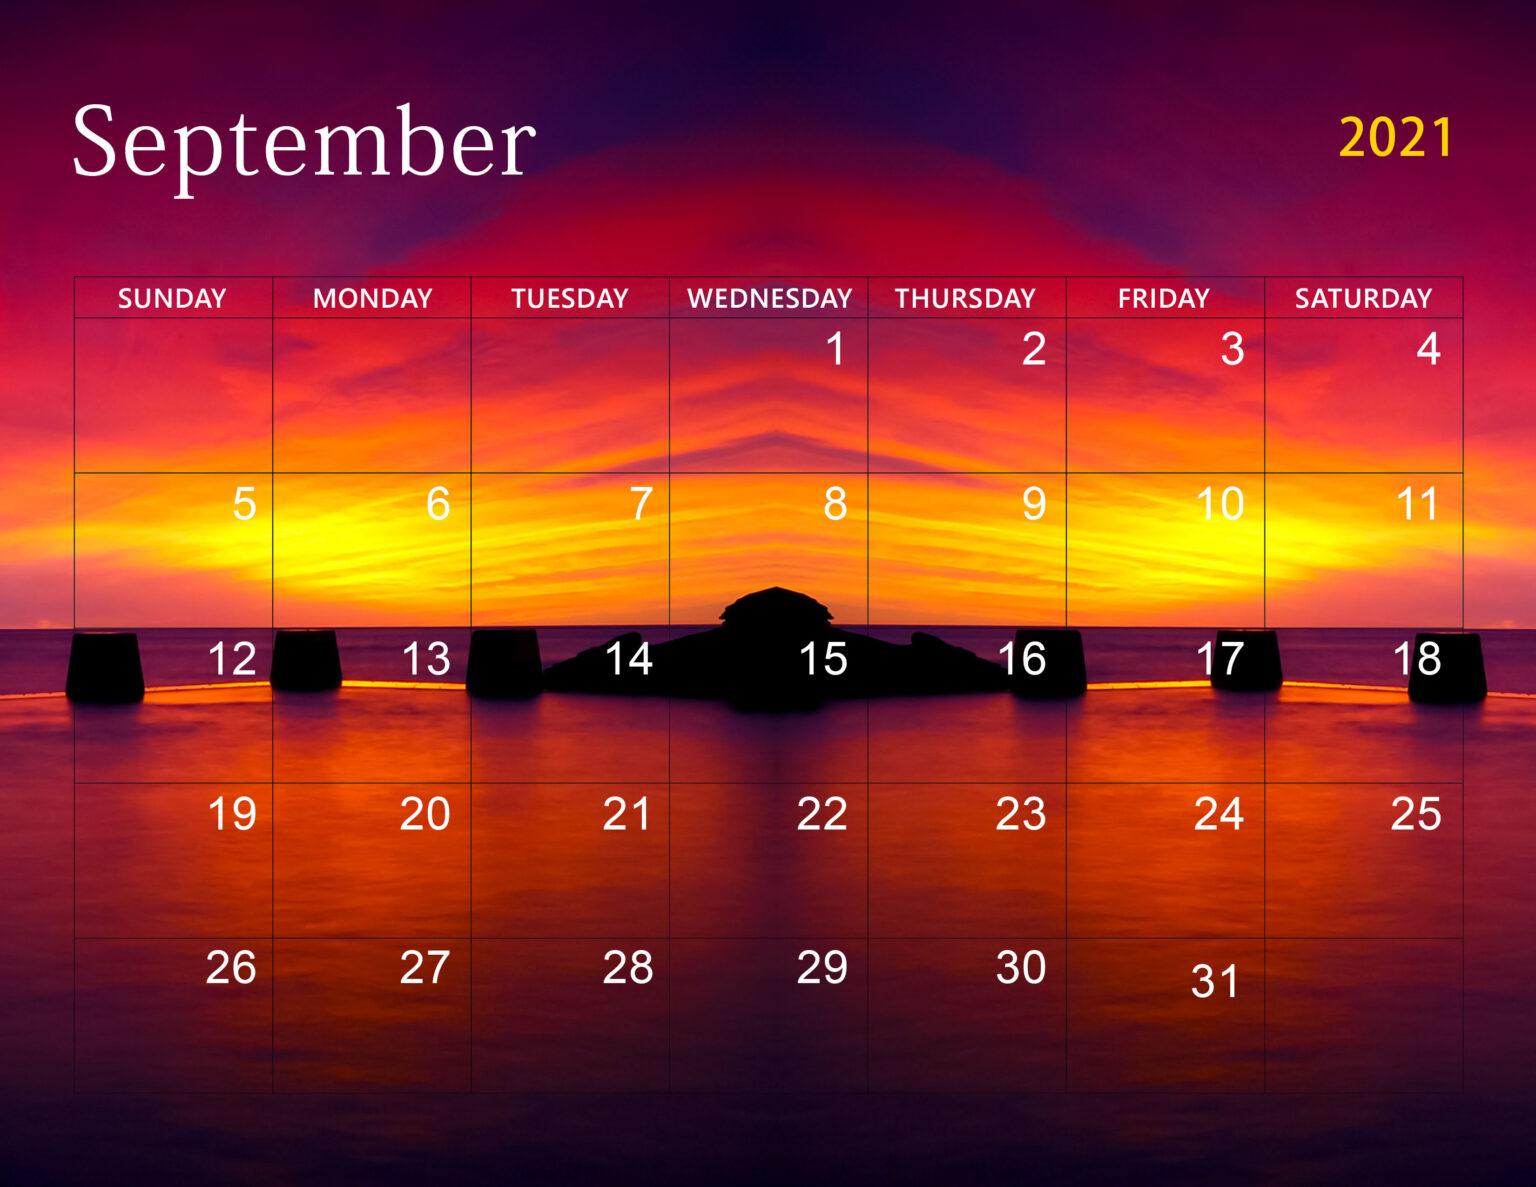 Cute September 2021 Calendar